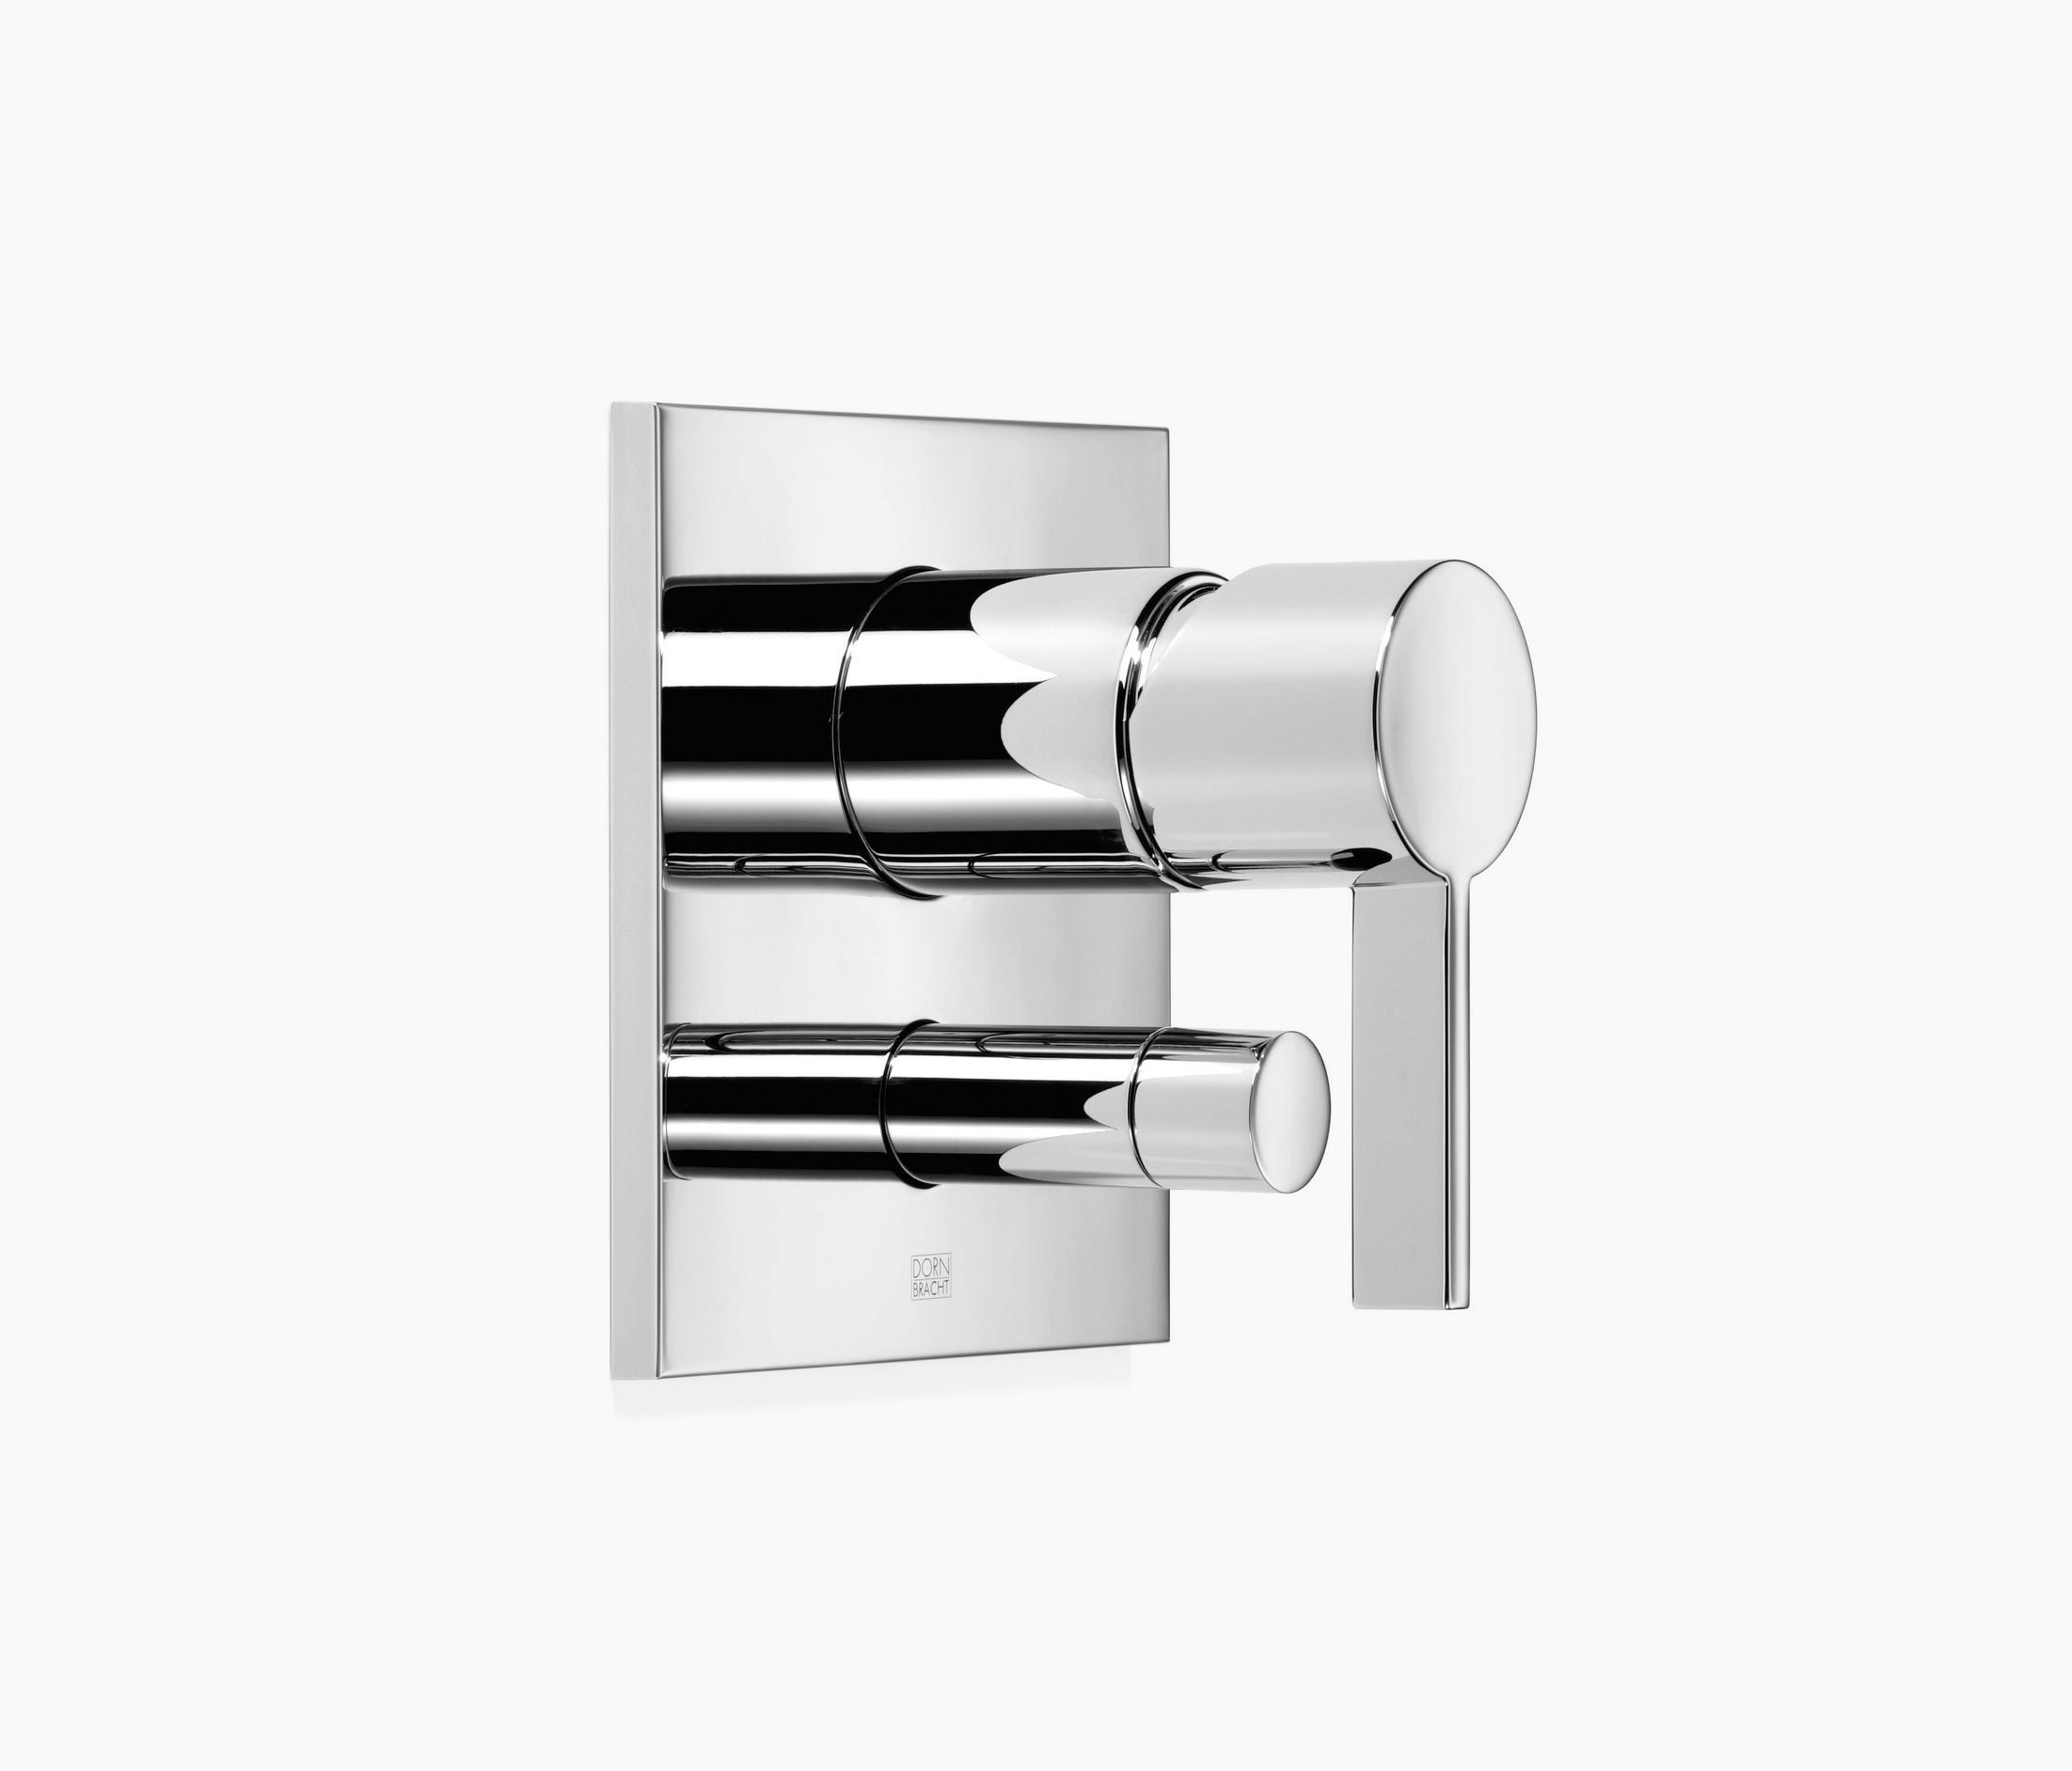 mem mitigeur monocommande xstream robinetterie de douche de dornbracht architonic. Black Bedroom Furniture Sets. Home Design Ideas